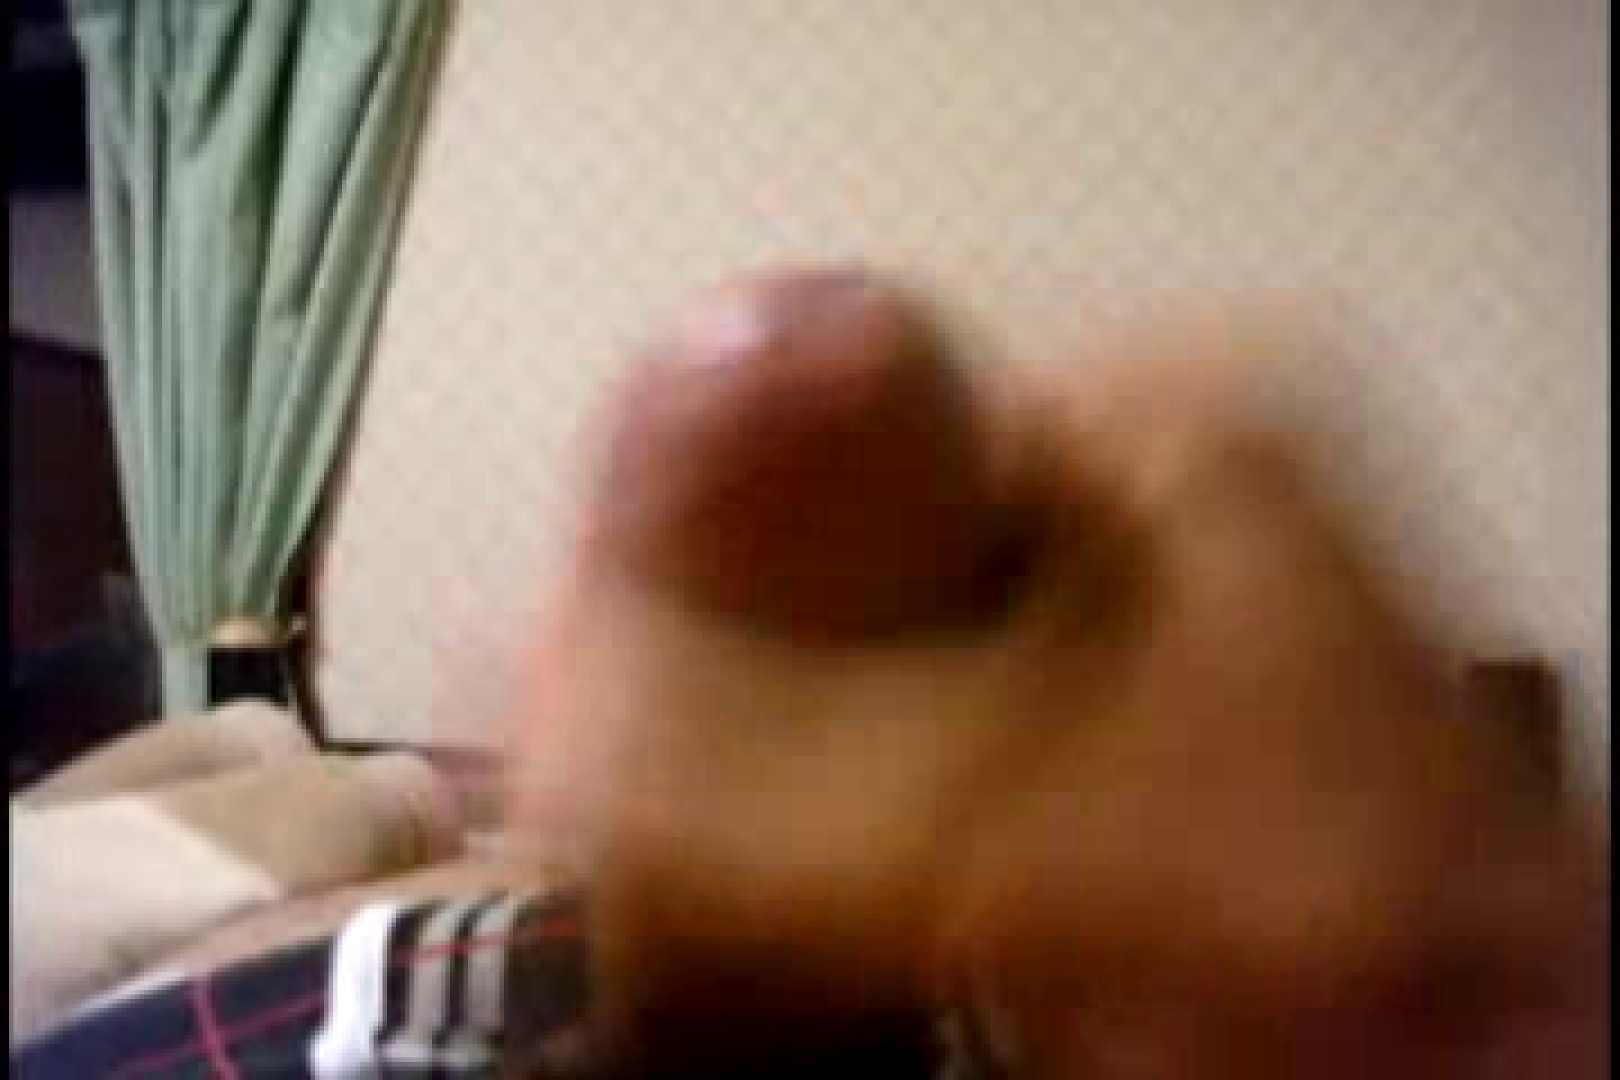 オナ好きノンケテニス部員の自画撮り投稿vol.01 ブリーフ ゲイアダルト画像 105枚 91